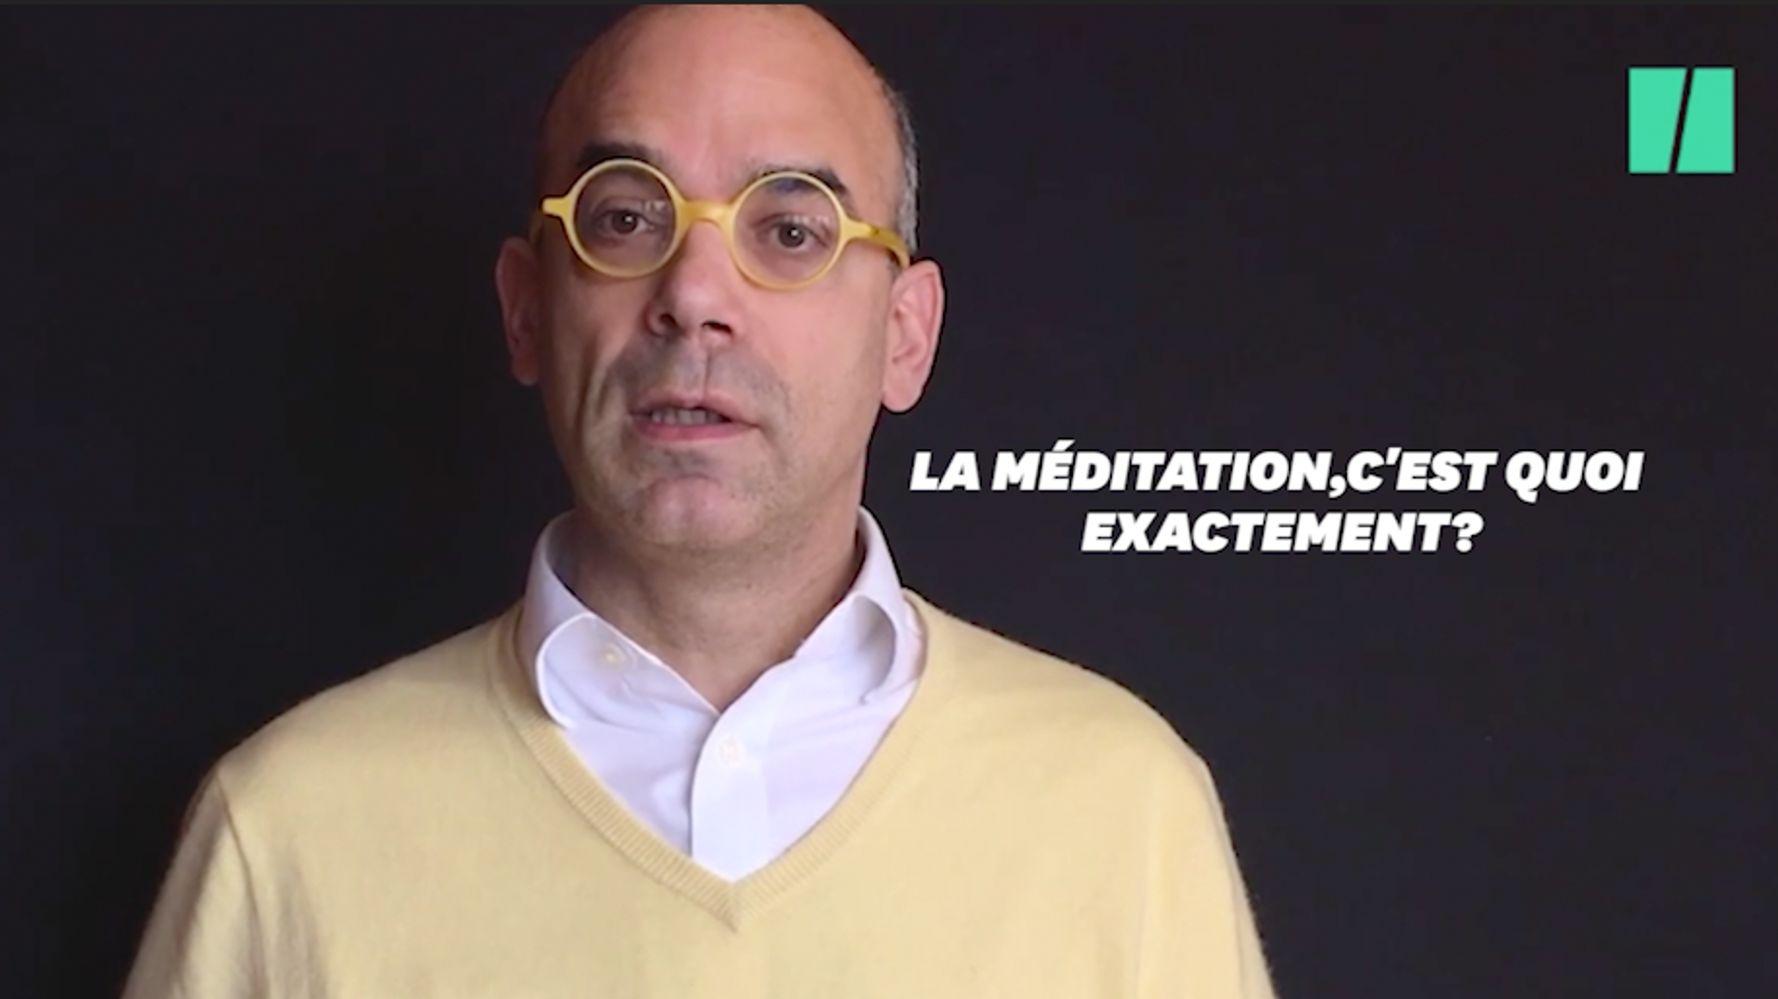 Méditer, ce n'est ni lâcher prise, ni se détendre - BLOG